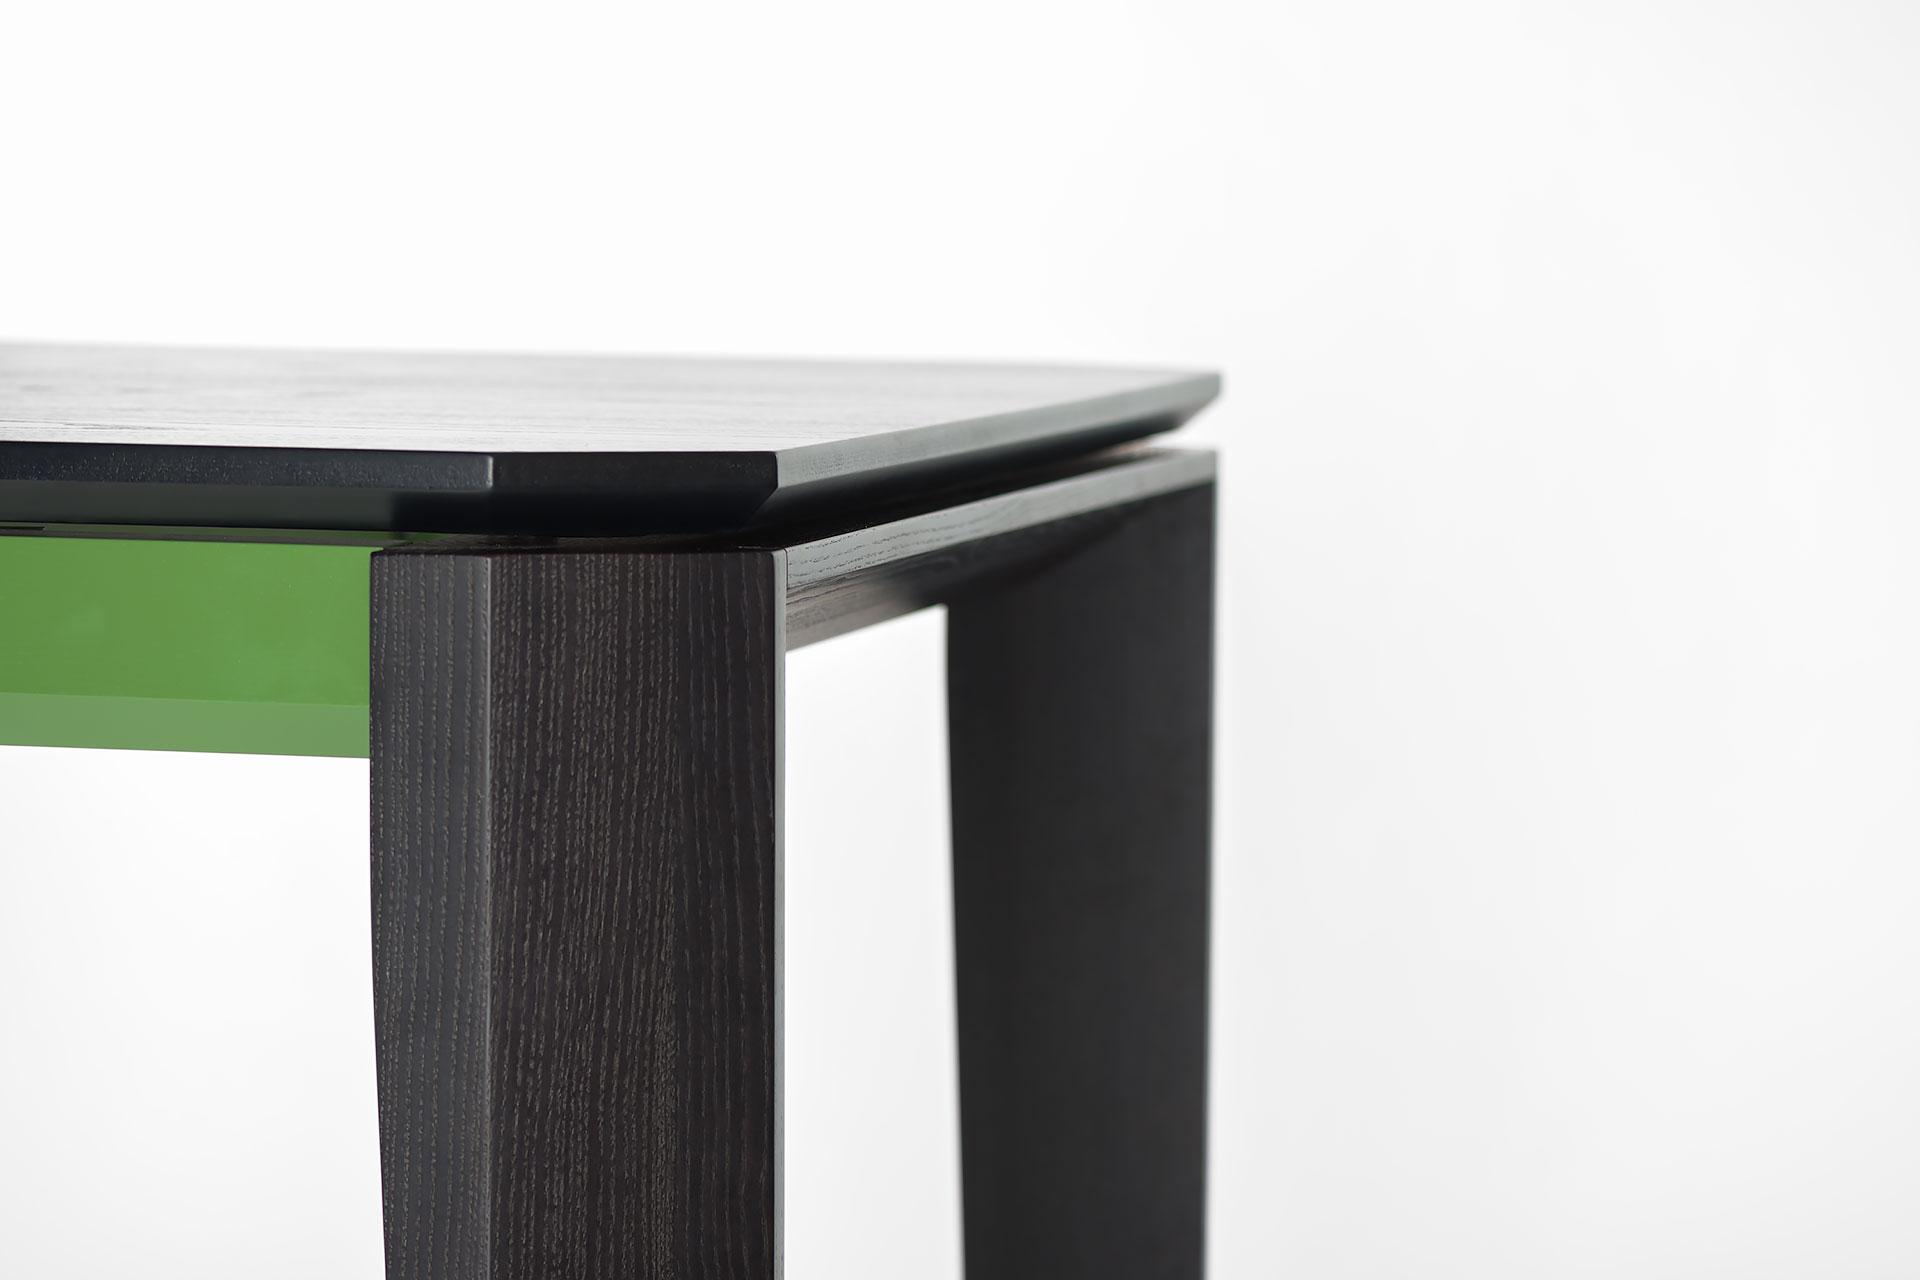 """Раскладной кухонный стол """"Варгас"""" черно-зеленый, шпонированная столешница, твердое дерево, цвет изделия SE7059 / Каркас RAL 6011 (ножка)"""